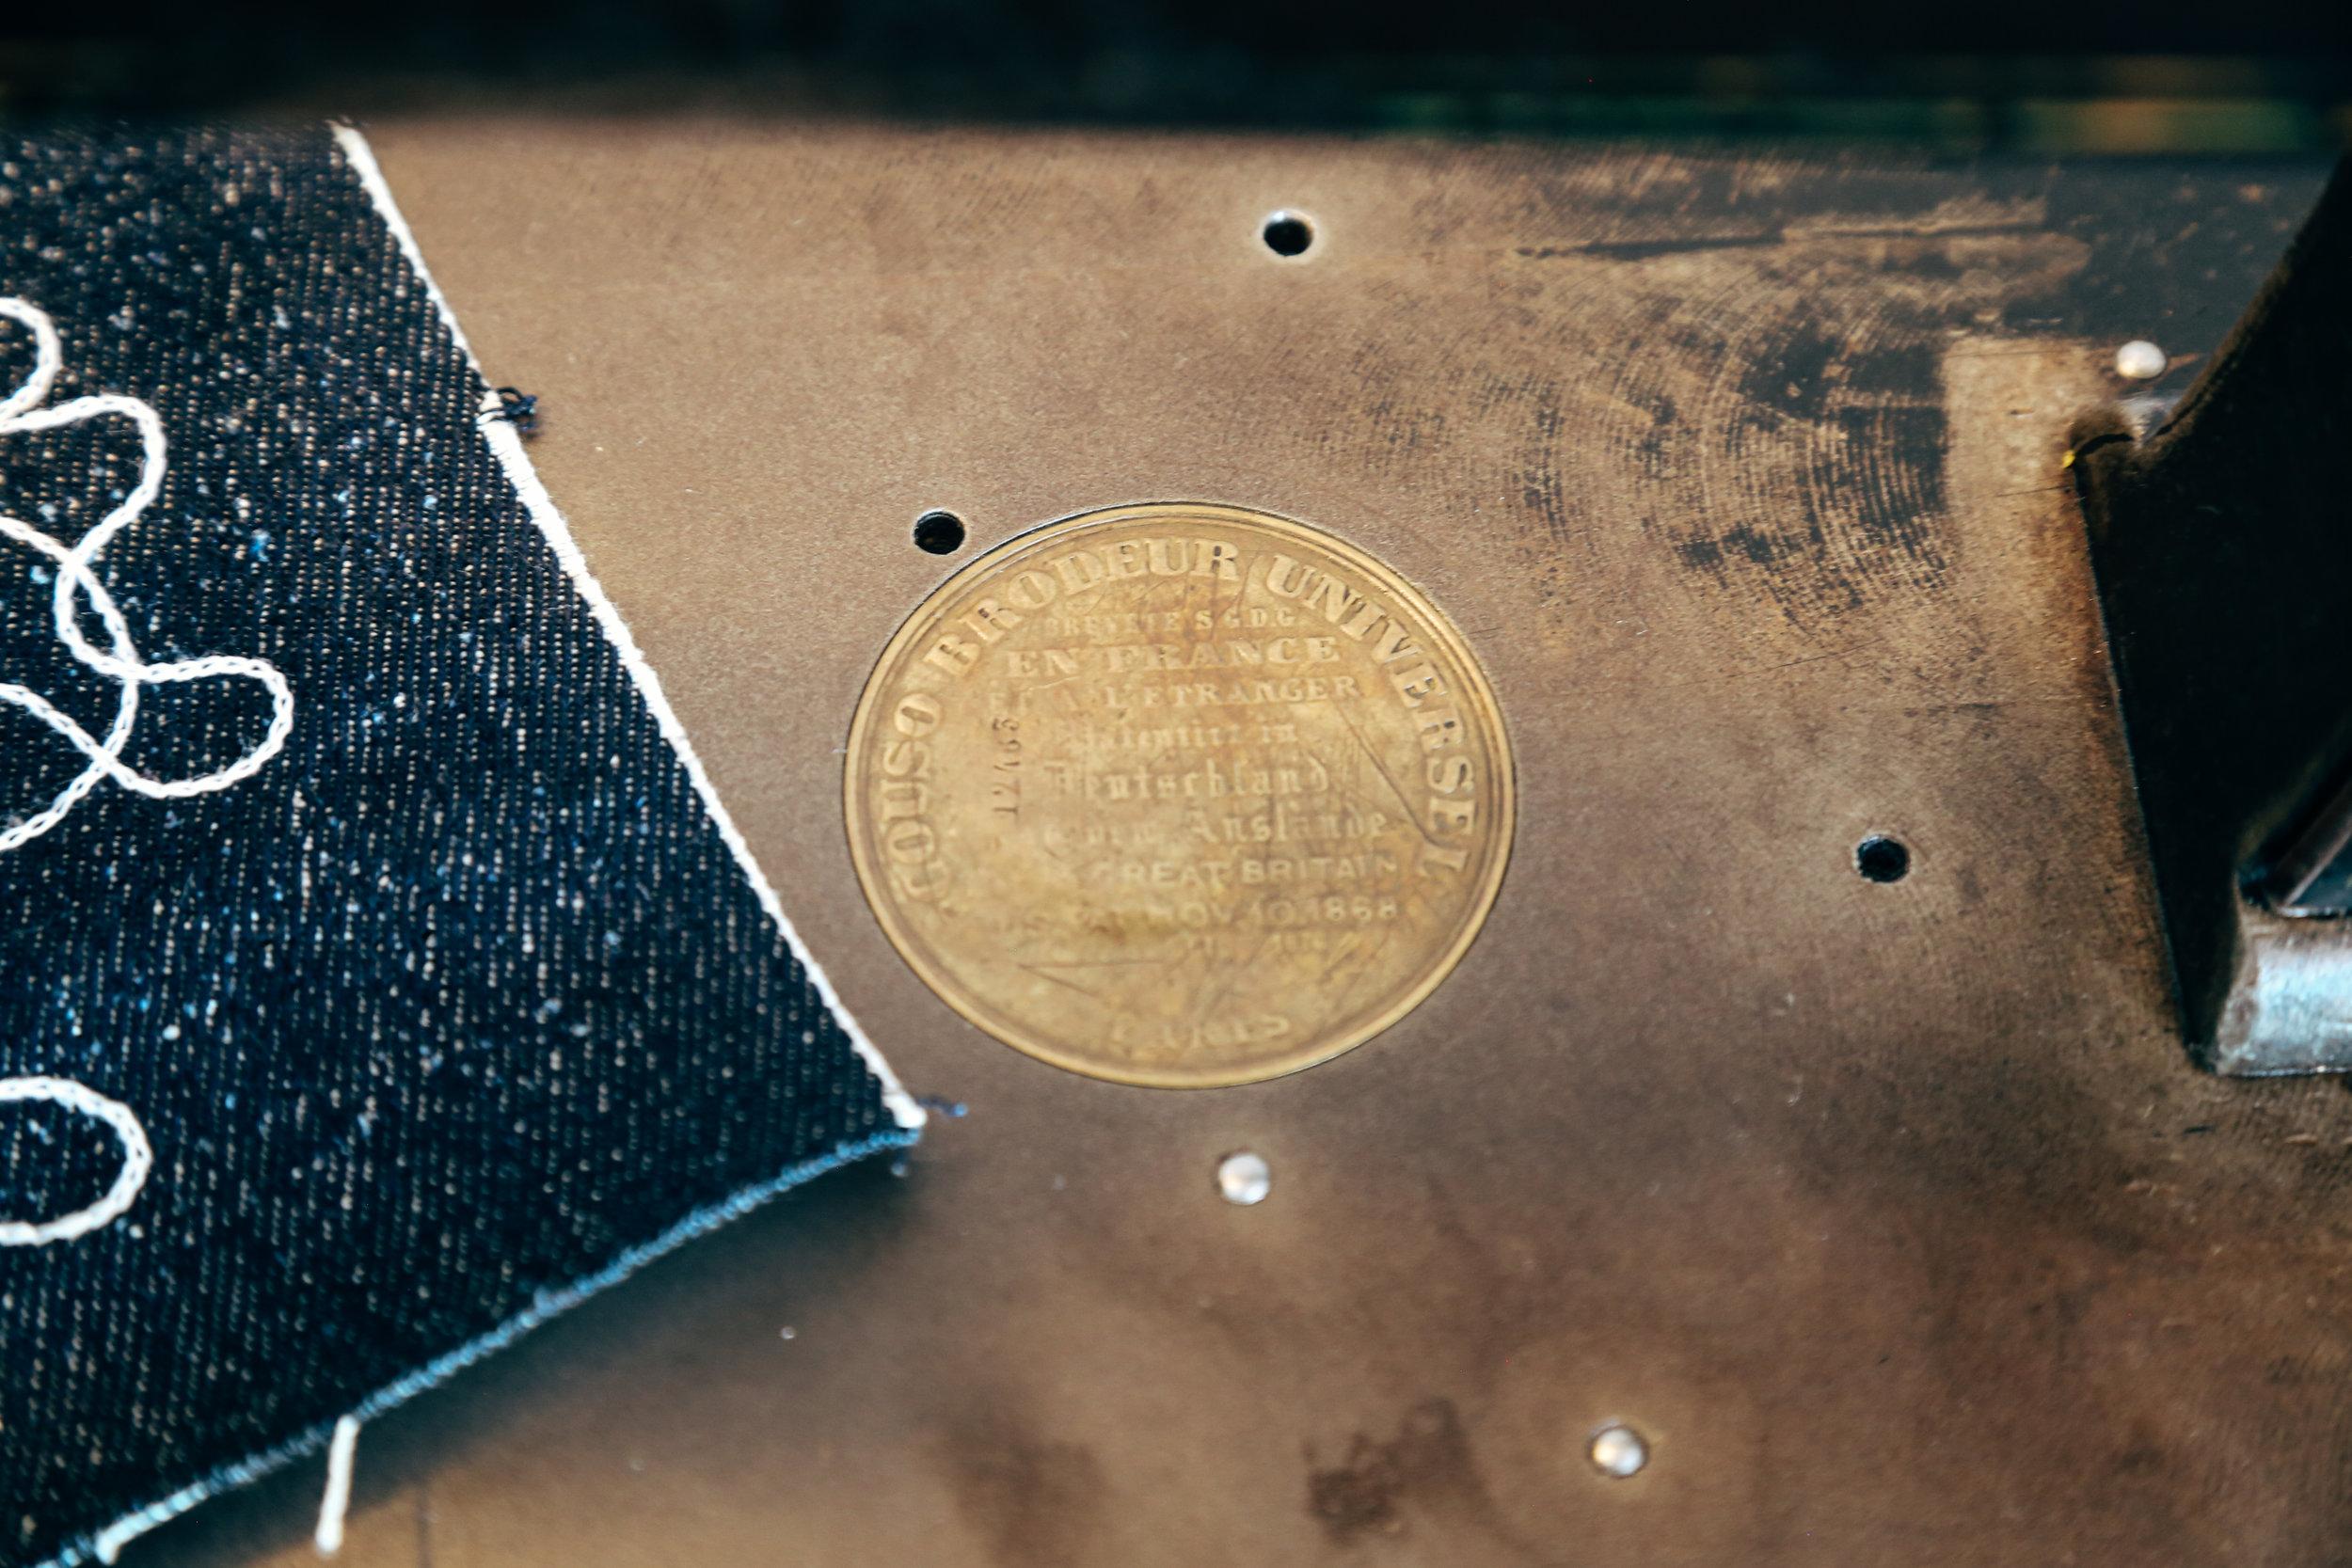 cornely-a-chainstitch-machine-emblem-gold-plate-closeup.jpg